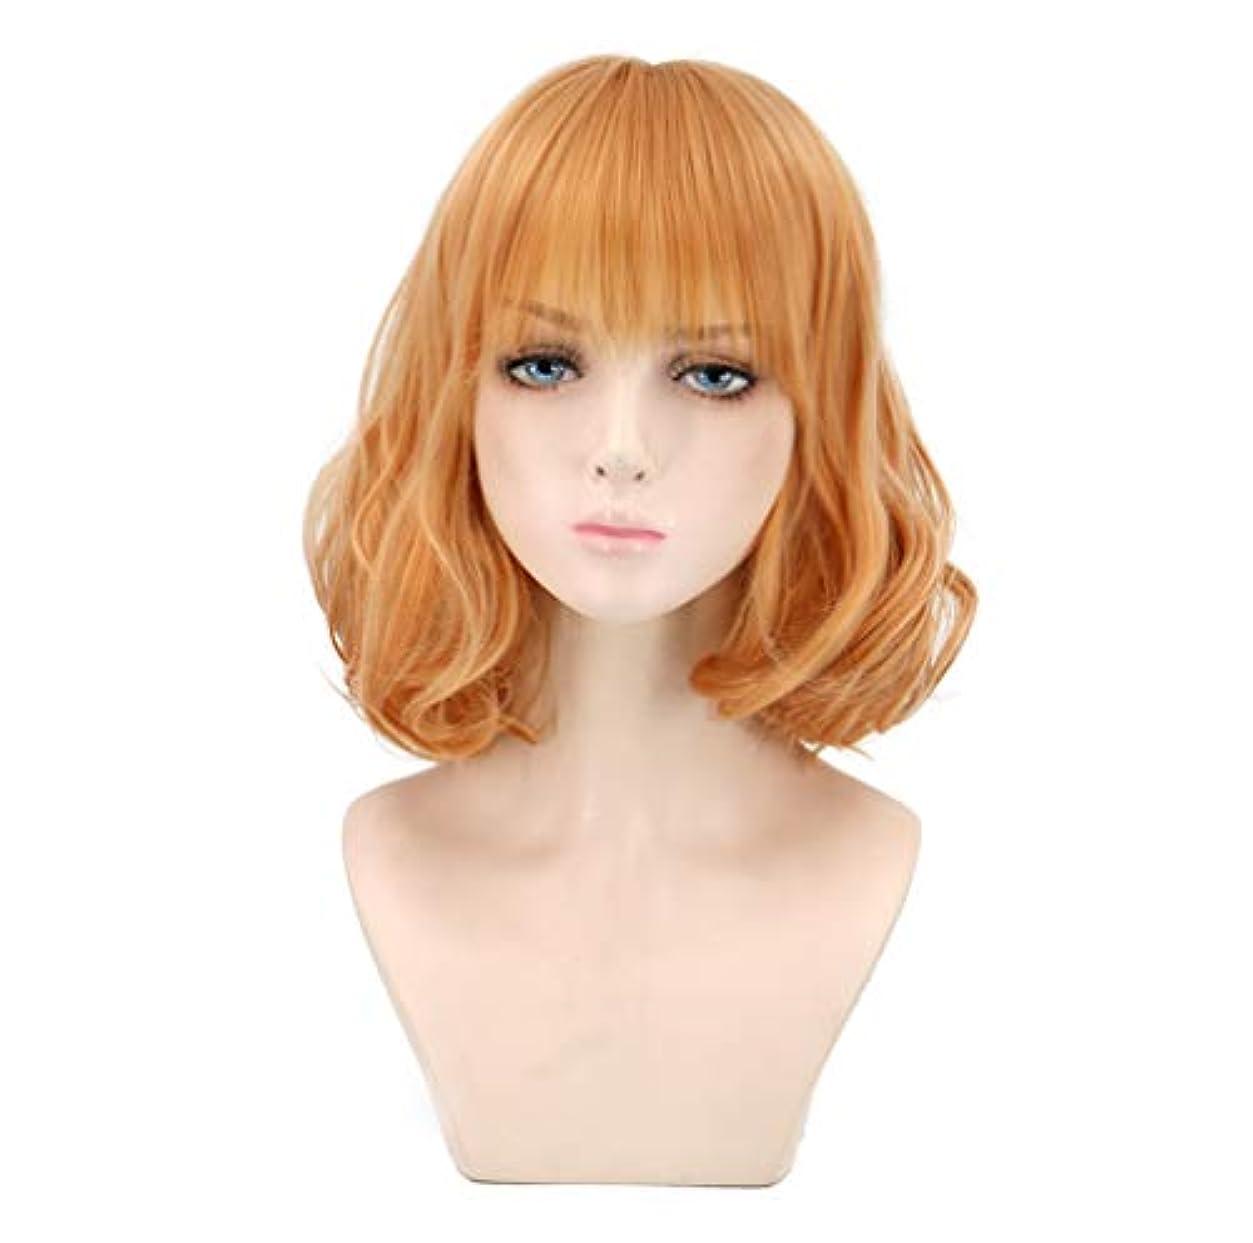 宇宙のハンカチ苦しめる女性のかつらカール耐熱合成かつらショートヘア150%密度ゴールド32 cm